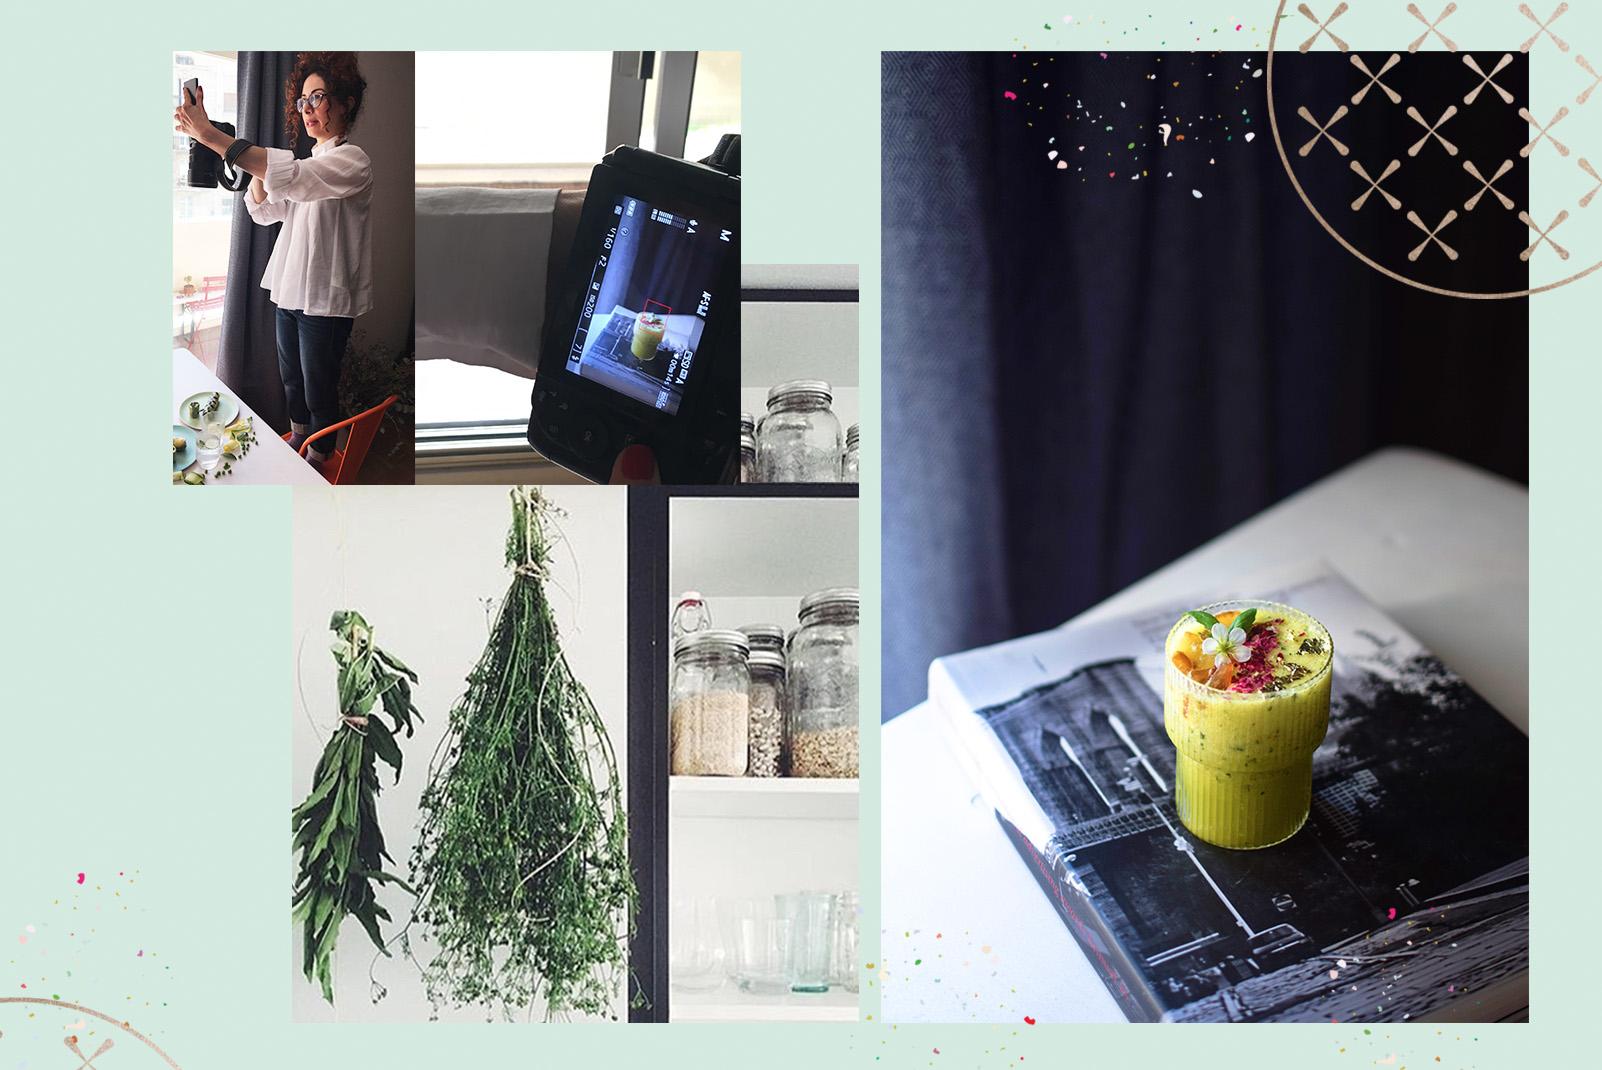 - La semaine dernière Balbosté a organisé une journée de workshop rouleaux de saison avec la talentueuse Blogueuse food